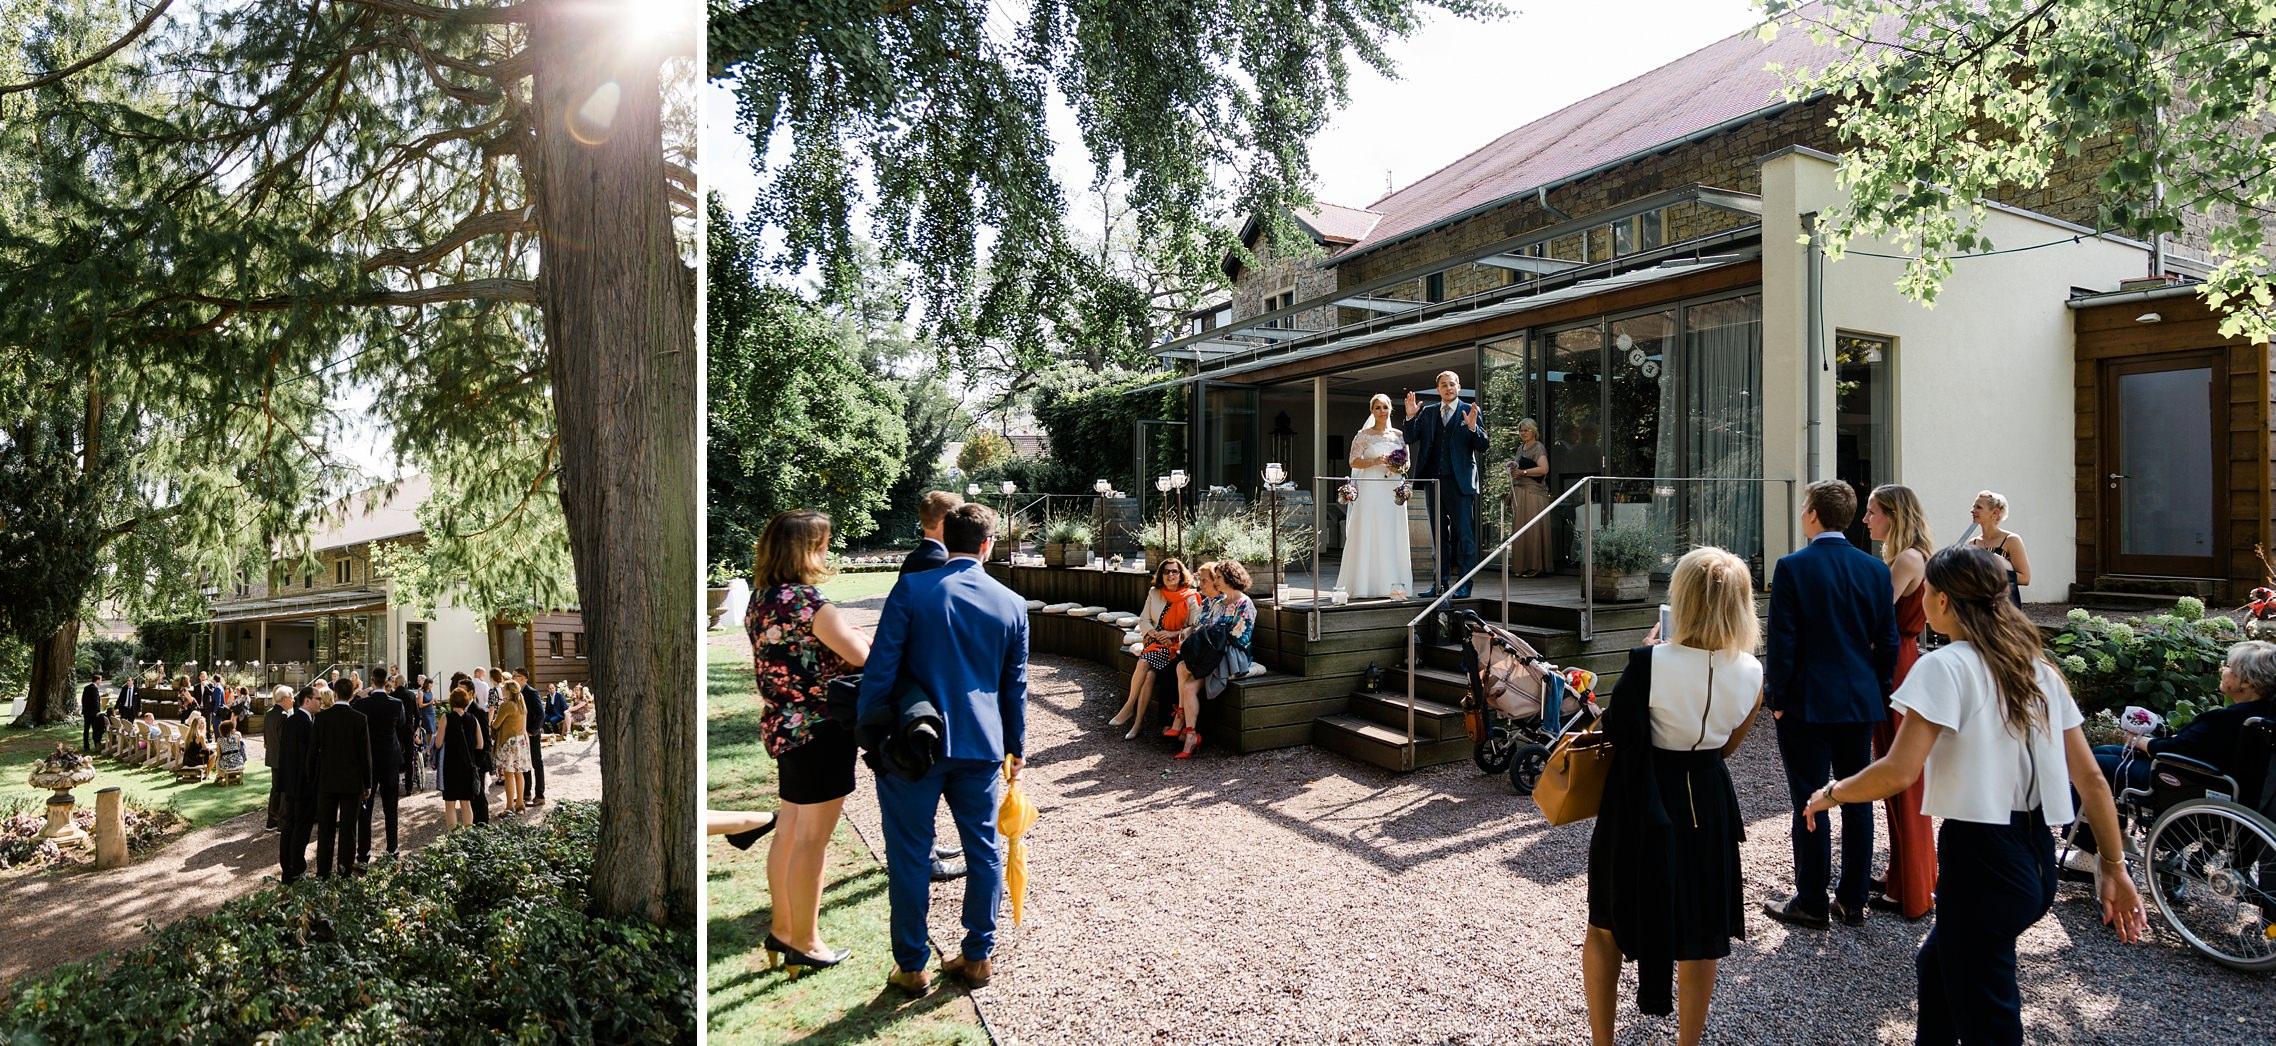 Das Brautpaar informiert die Gäste auf der Terrasse des Weingutes Fitz-Ritter in Bad Dürkheim über den weiteren Ablauf.